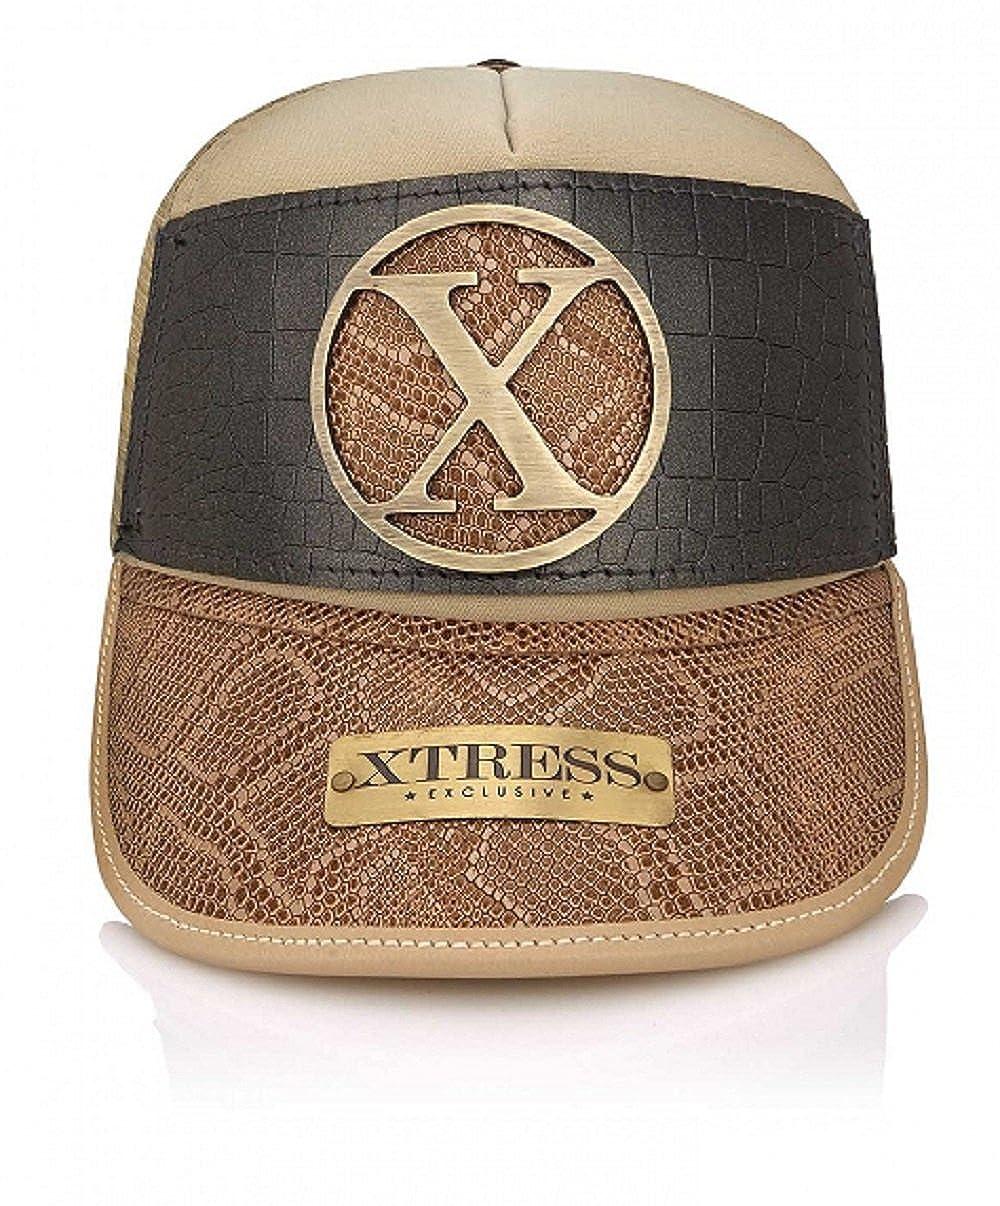 Xtress Exclusive Gorra de diseño para hombre y mujer: Amazon.es ...